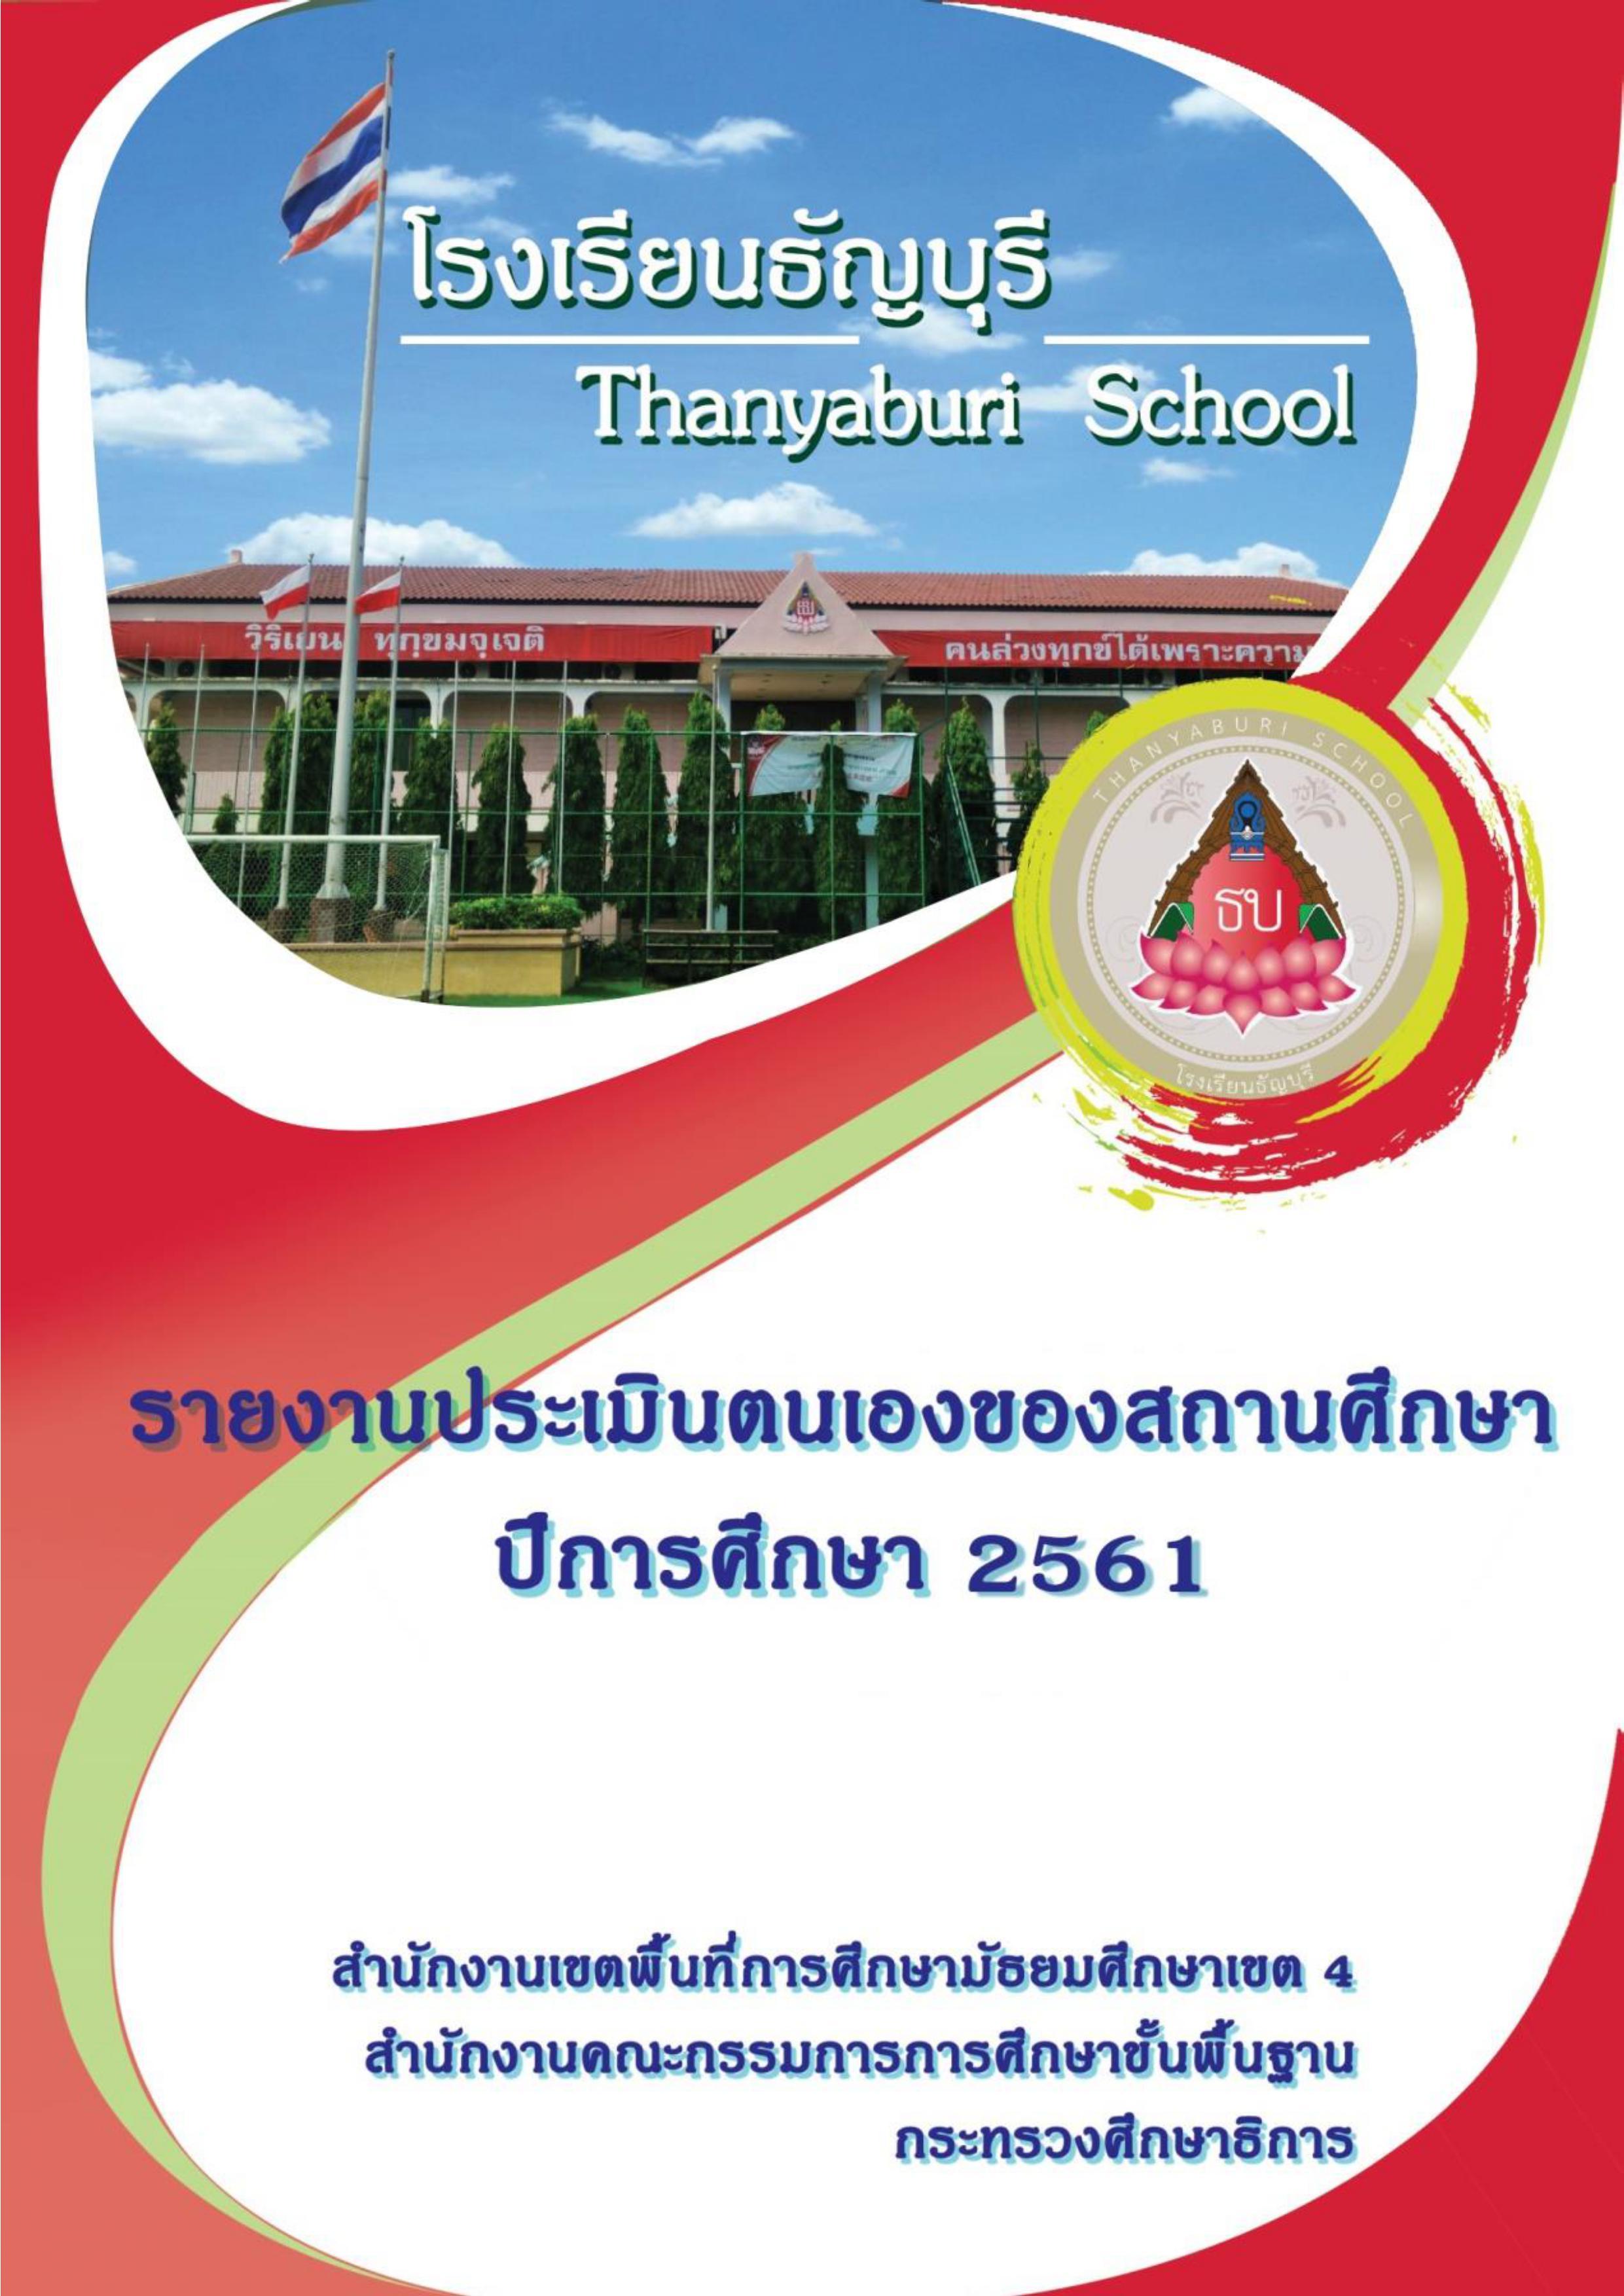 รายงานประกันคุณภาพ 2559-2561